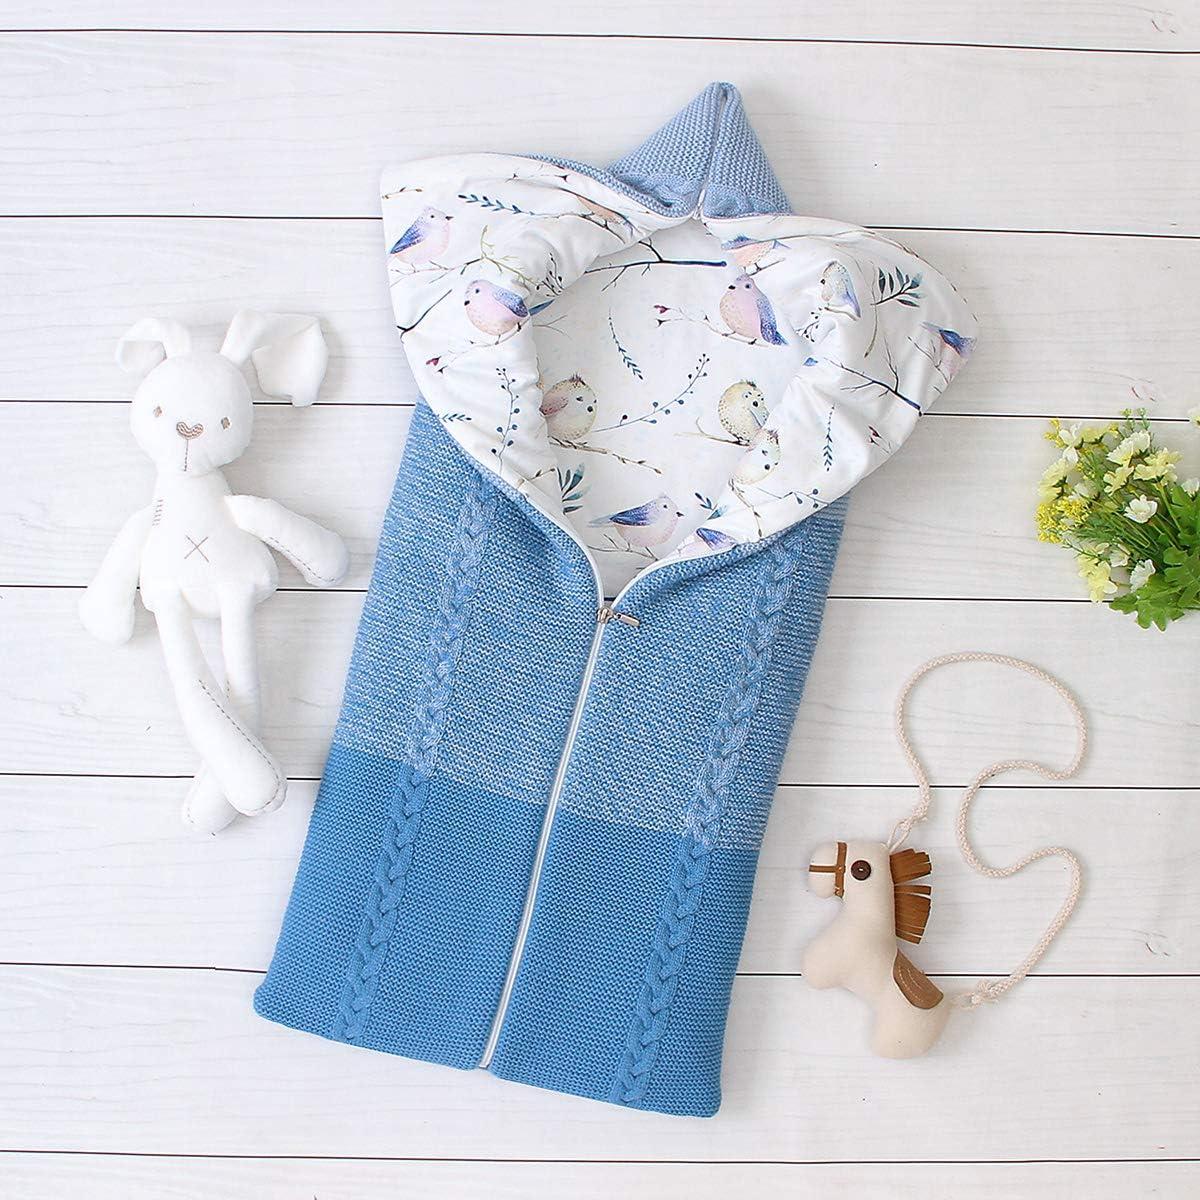 FAMKIT Sac de couchage multifonction réglable réglable pour bébé de 0 à 6 m Bleu